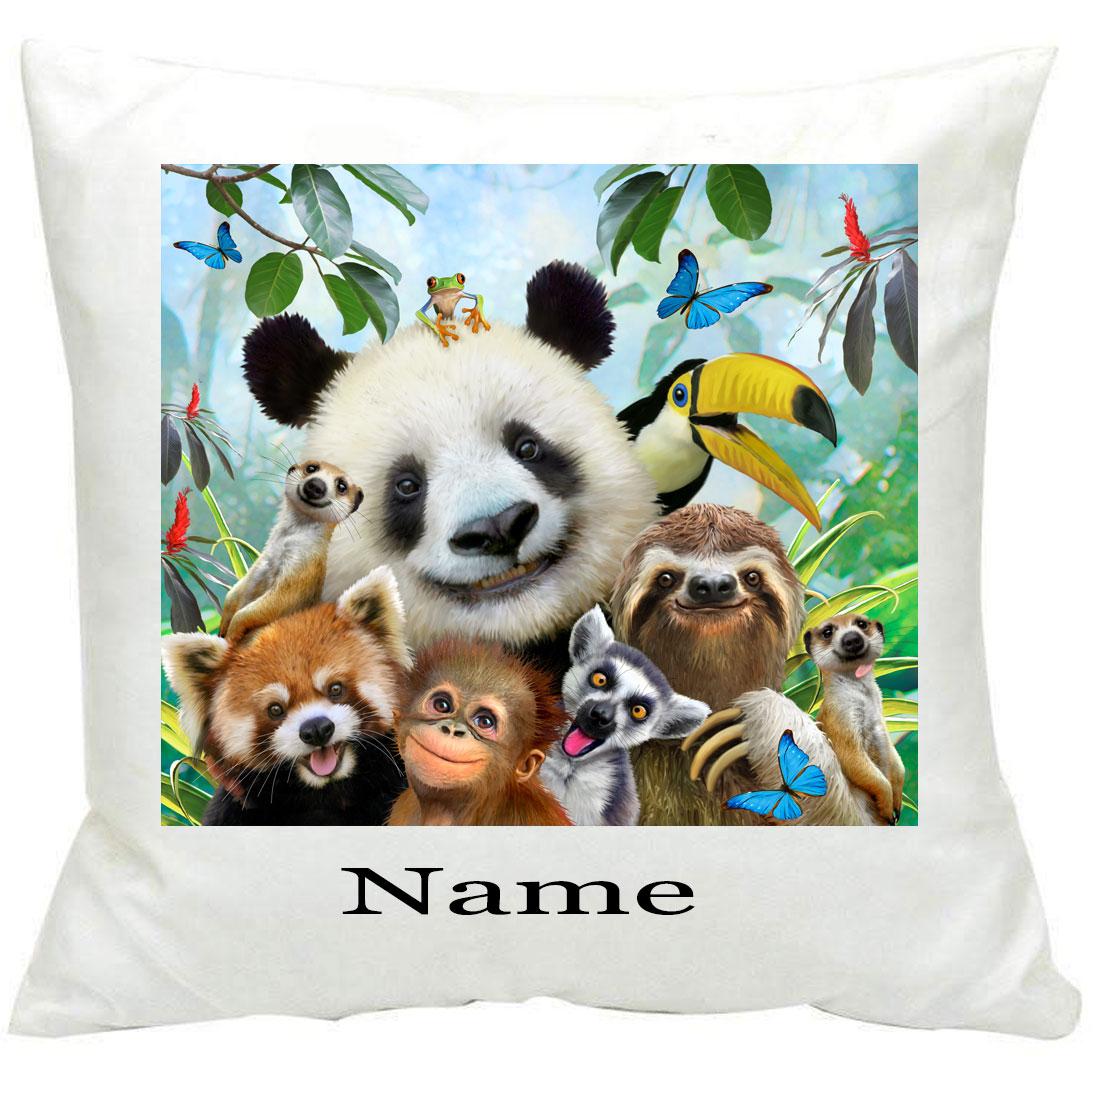 Personalised885 Zoo Selfie Printed Cushion